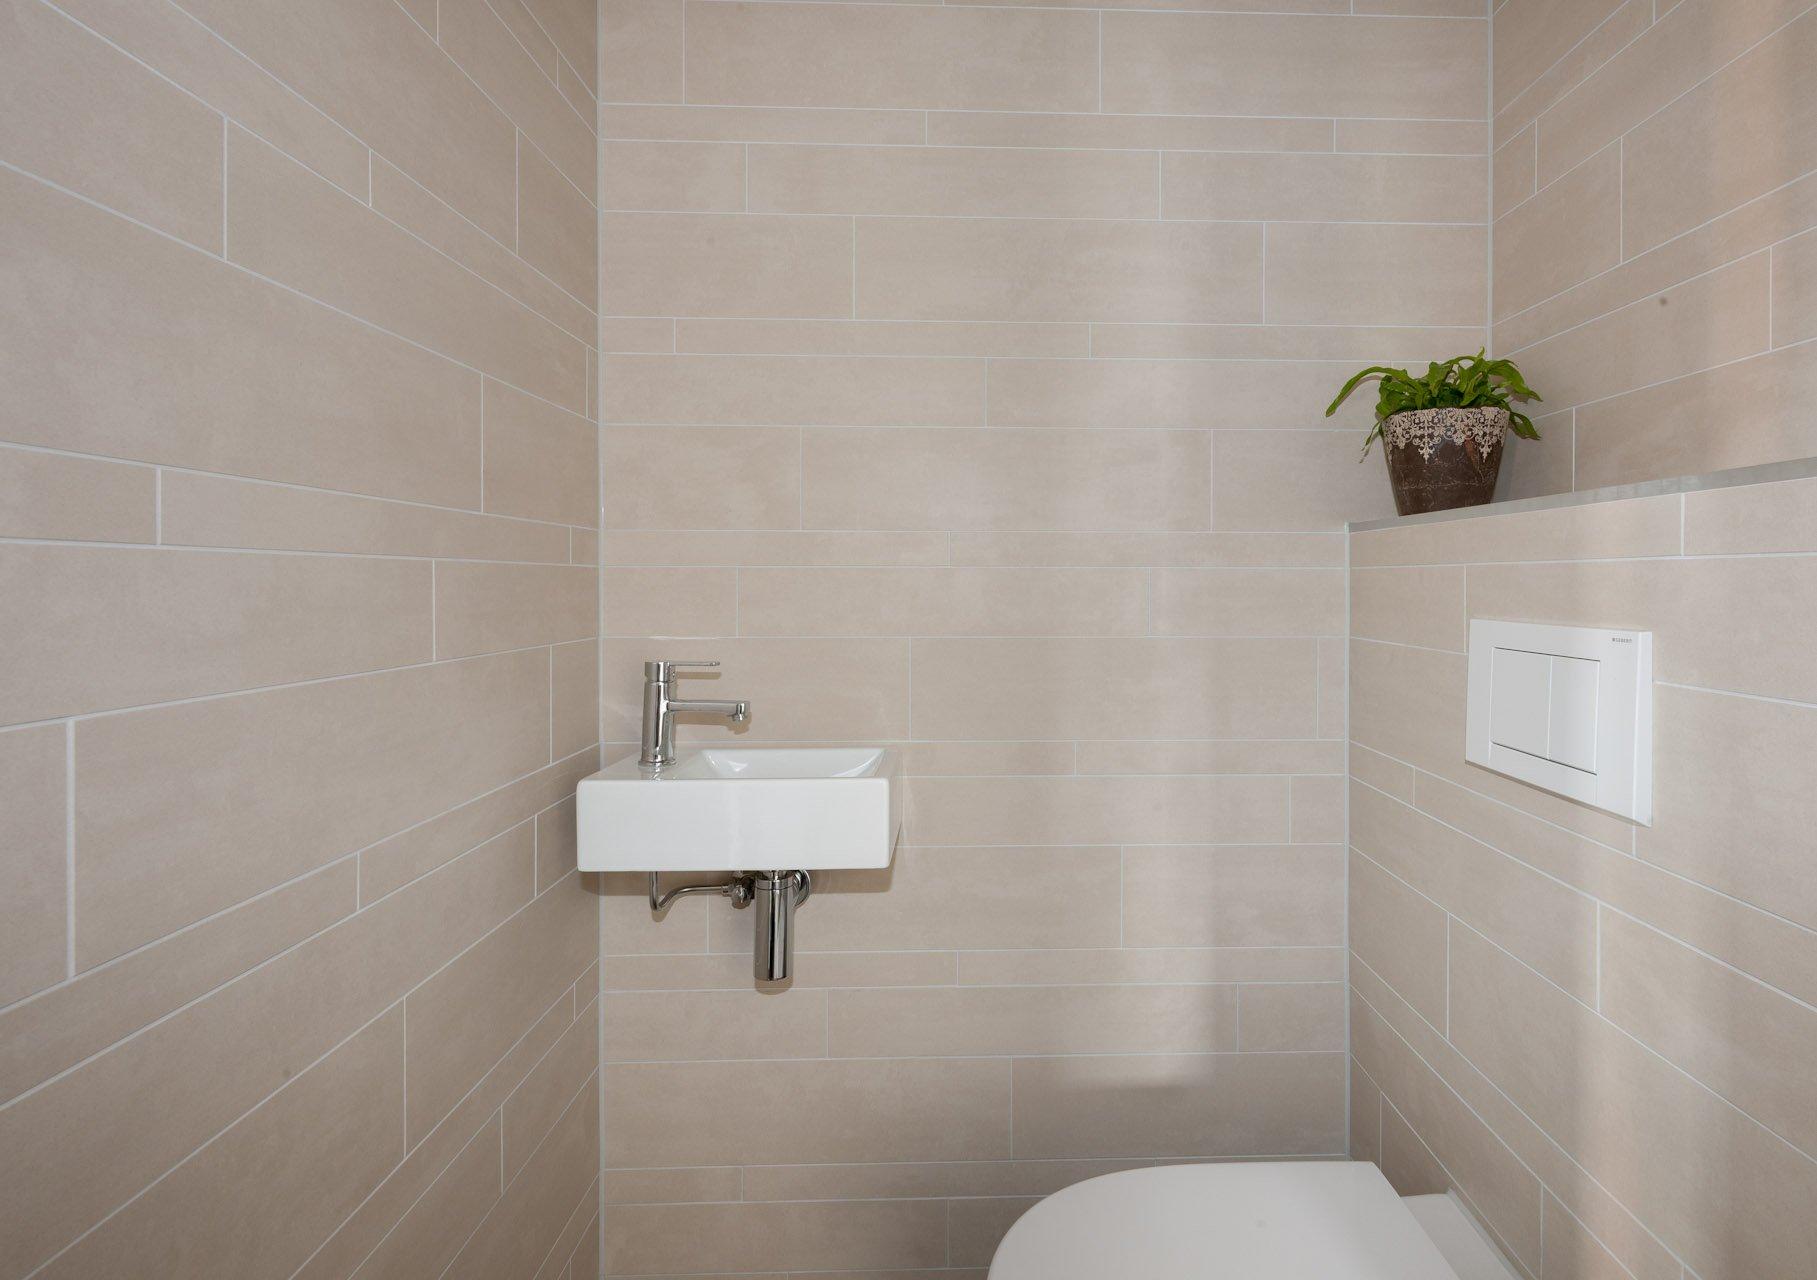 Grijze Vloertegels Badkamer: Type vloertegels algemeen de la rouche ...